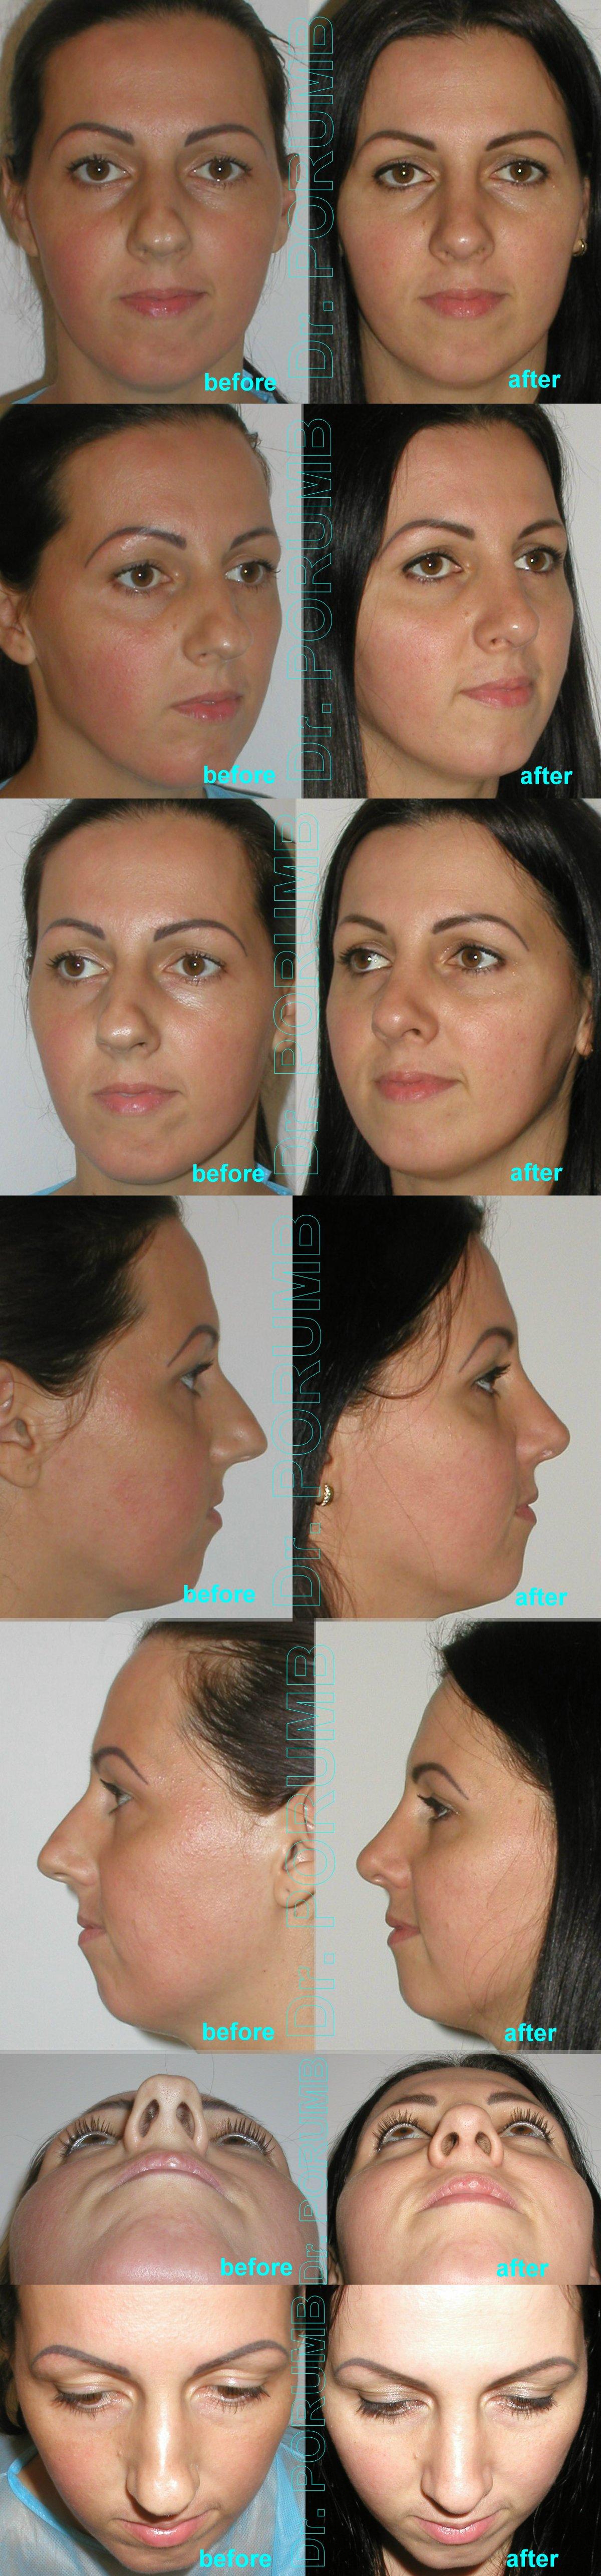 Pacienta de 34 ani, nemultumita de aspectul estetic al nasului, de marimea nasului, doreste sa apeleze la chirurgie de modelare nas, de rinoplastie si septoplastie (operatie estetica nas), cu corectia deviatiei de sept si deviatiei de nas, subtierea nasului, a varfului nasului si scurtarea nasului